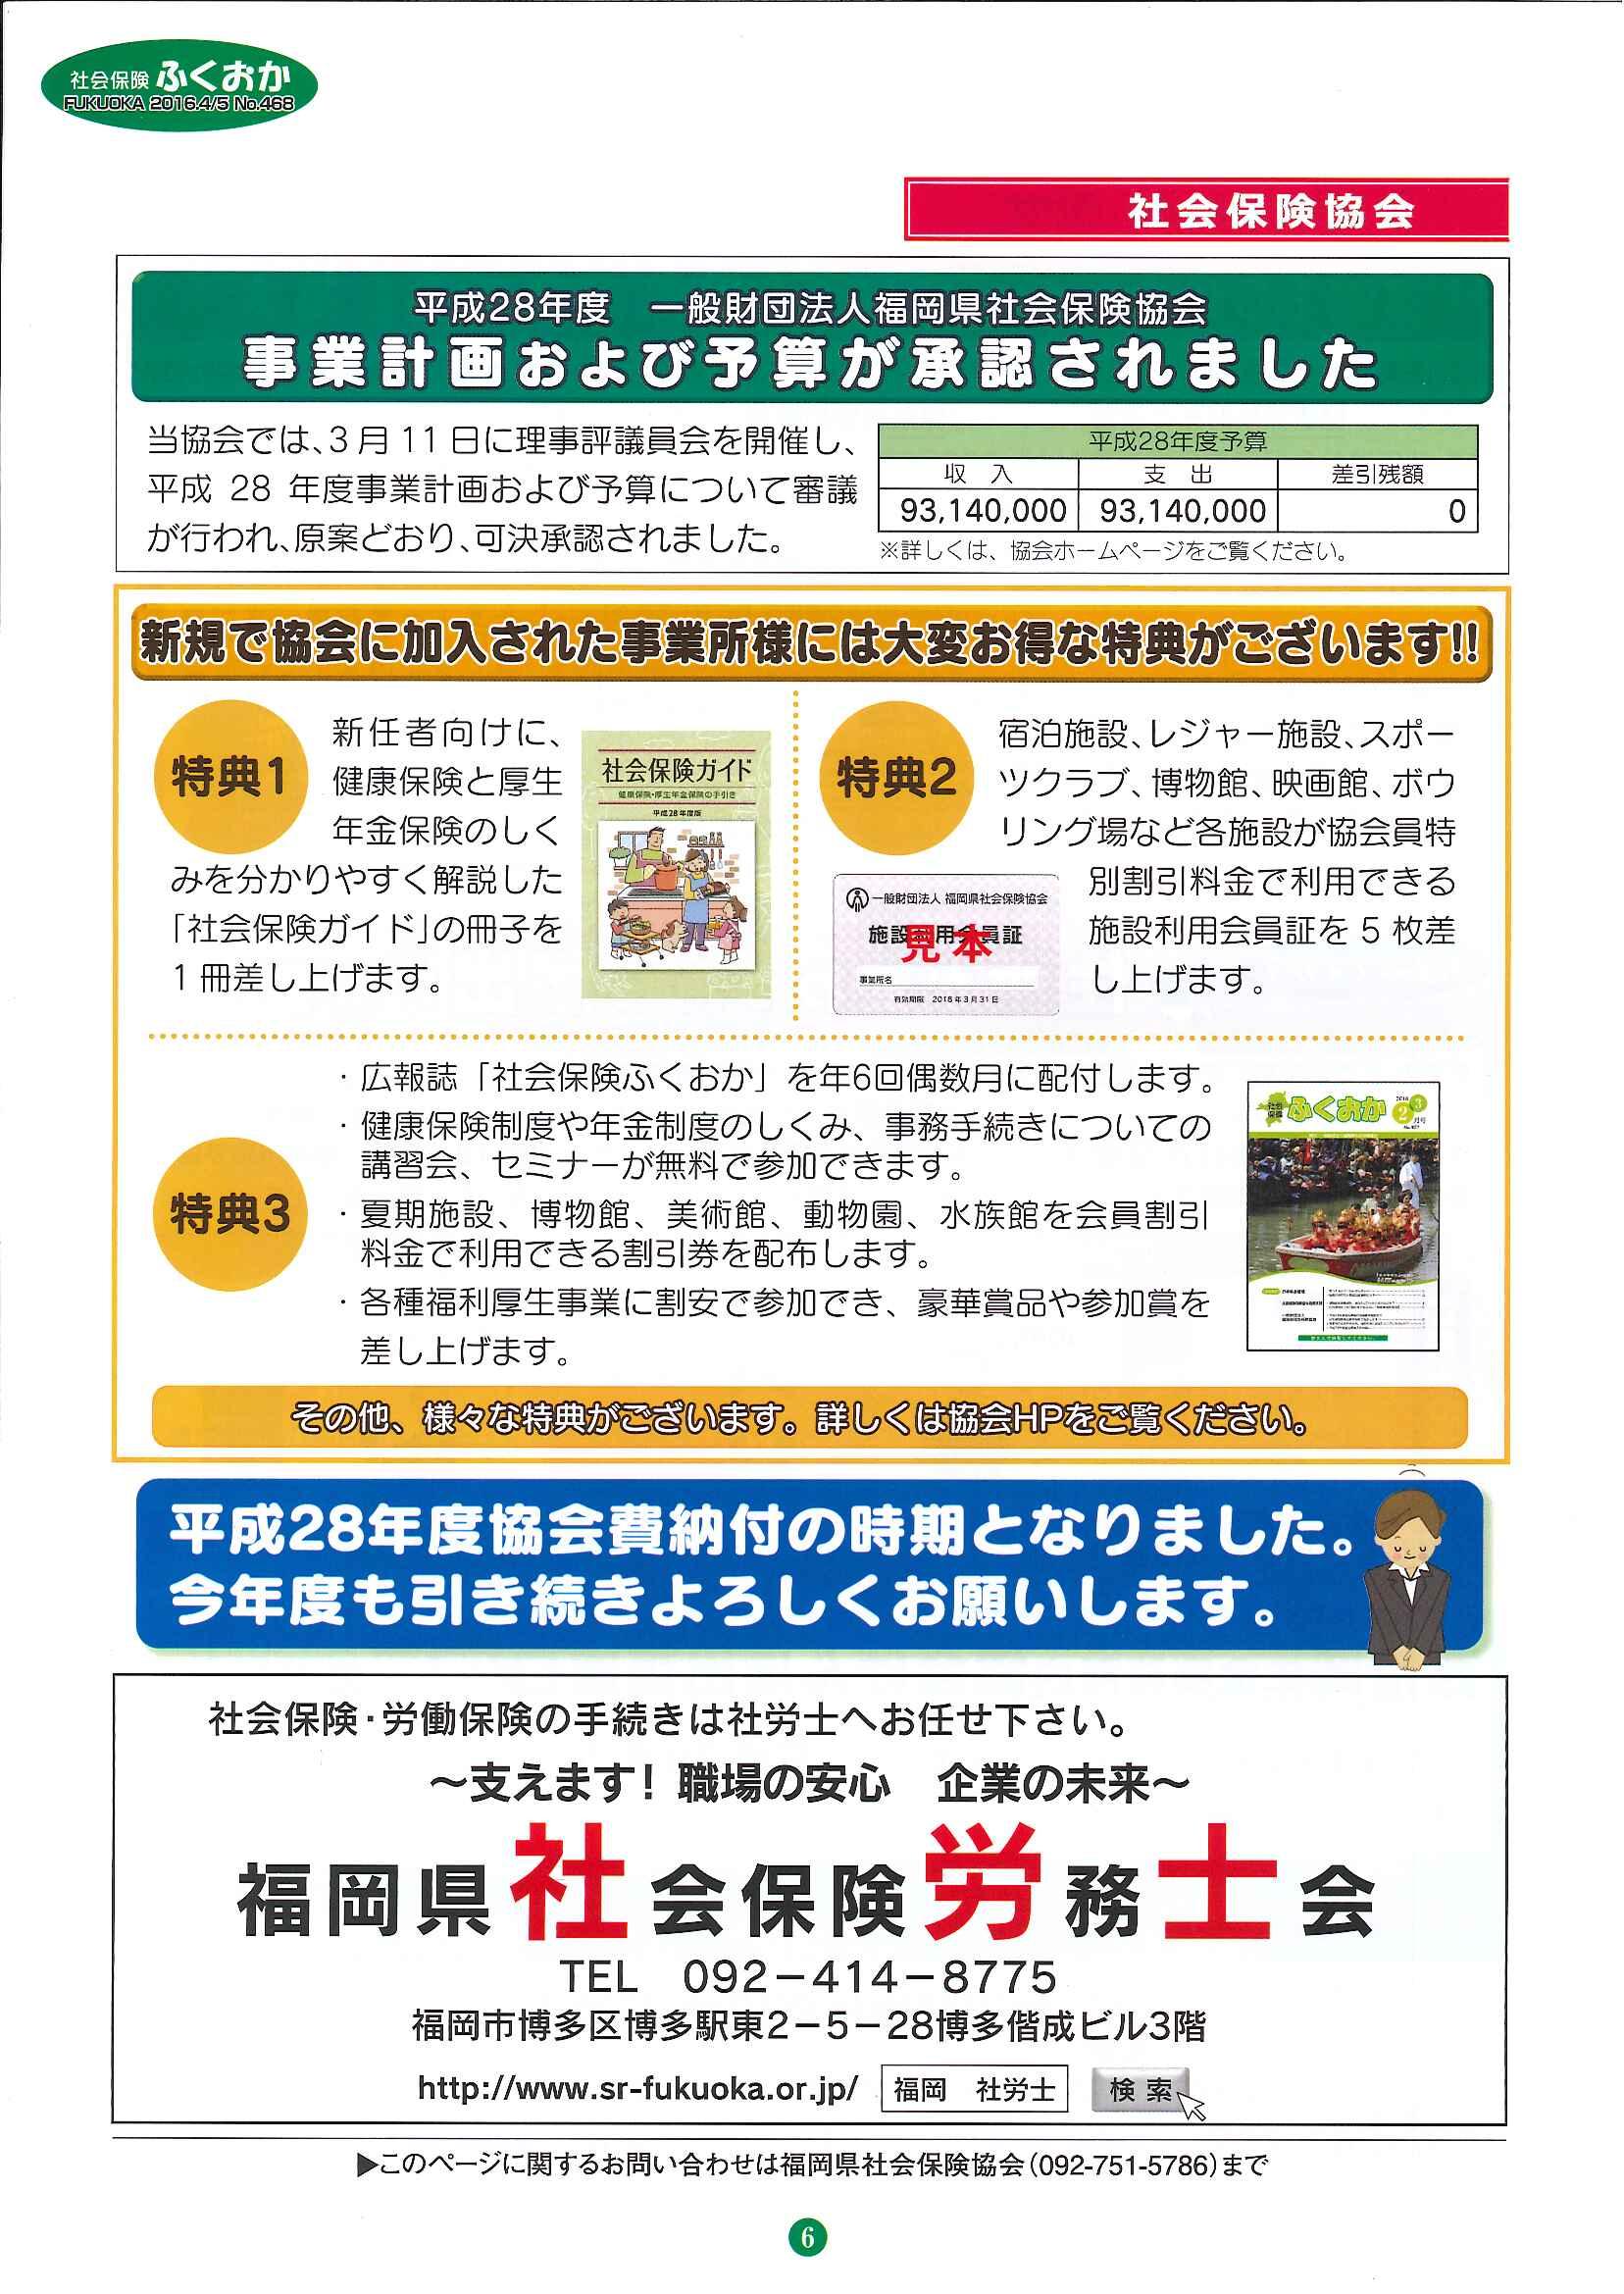 社会保険 ふくおか 2016年4・5月号_f0120774_13333992.jpg